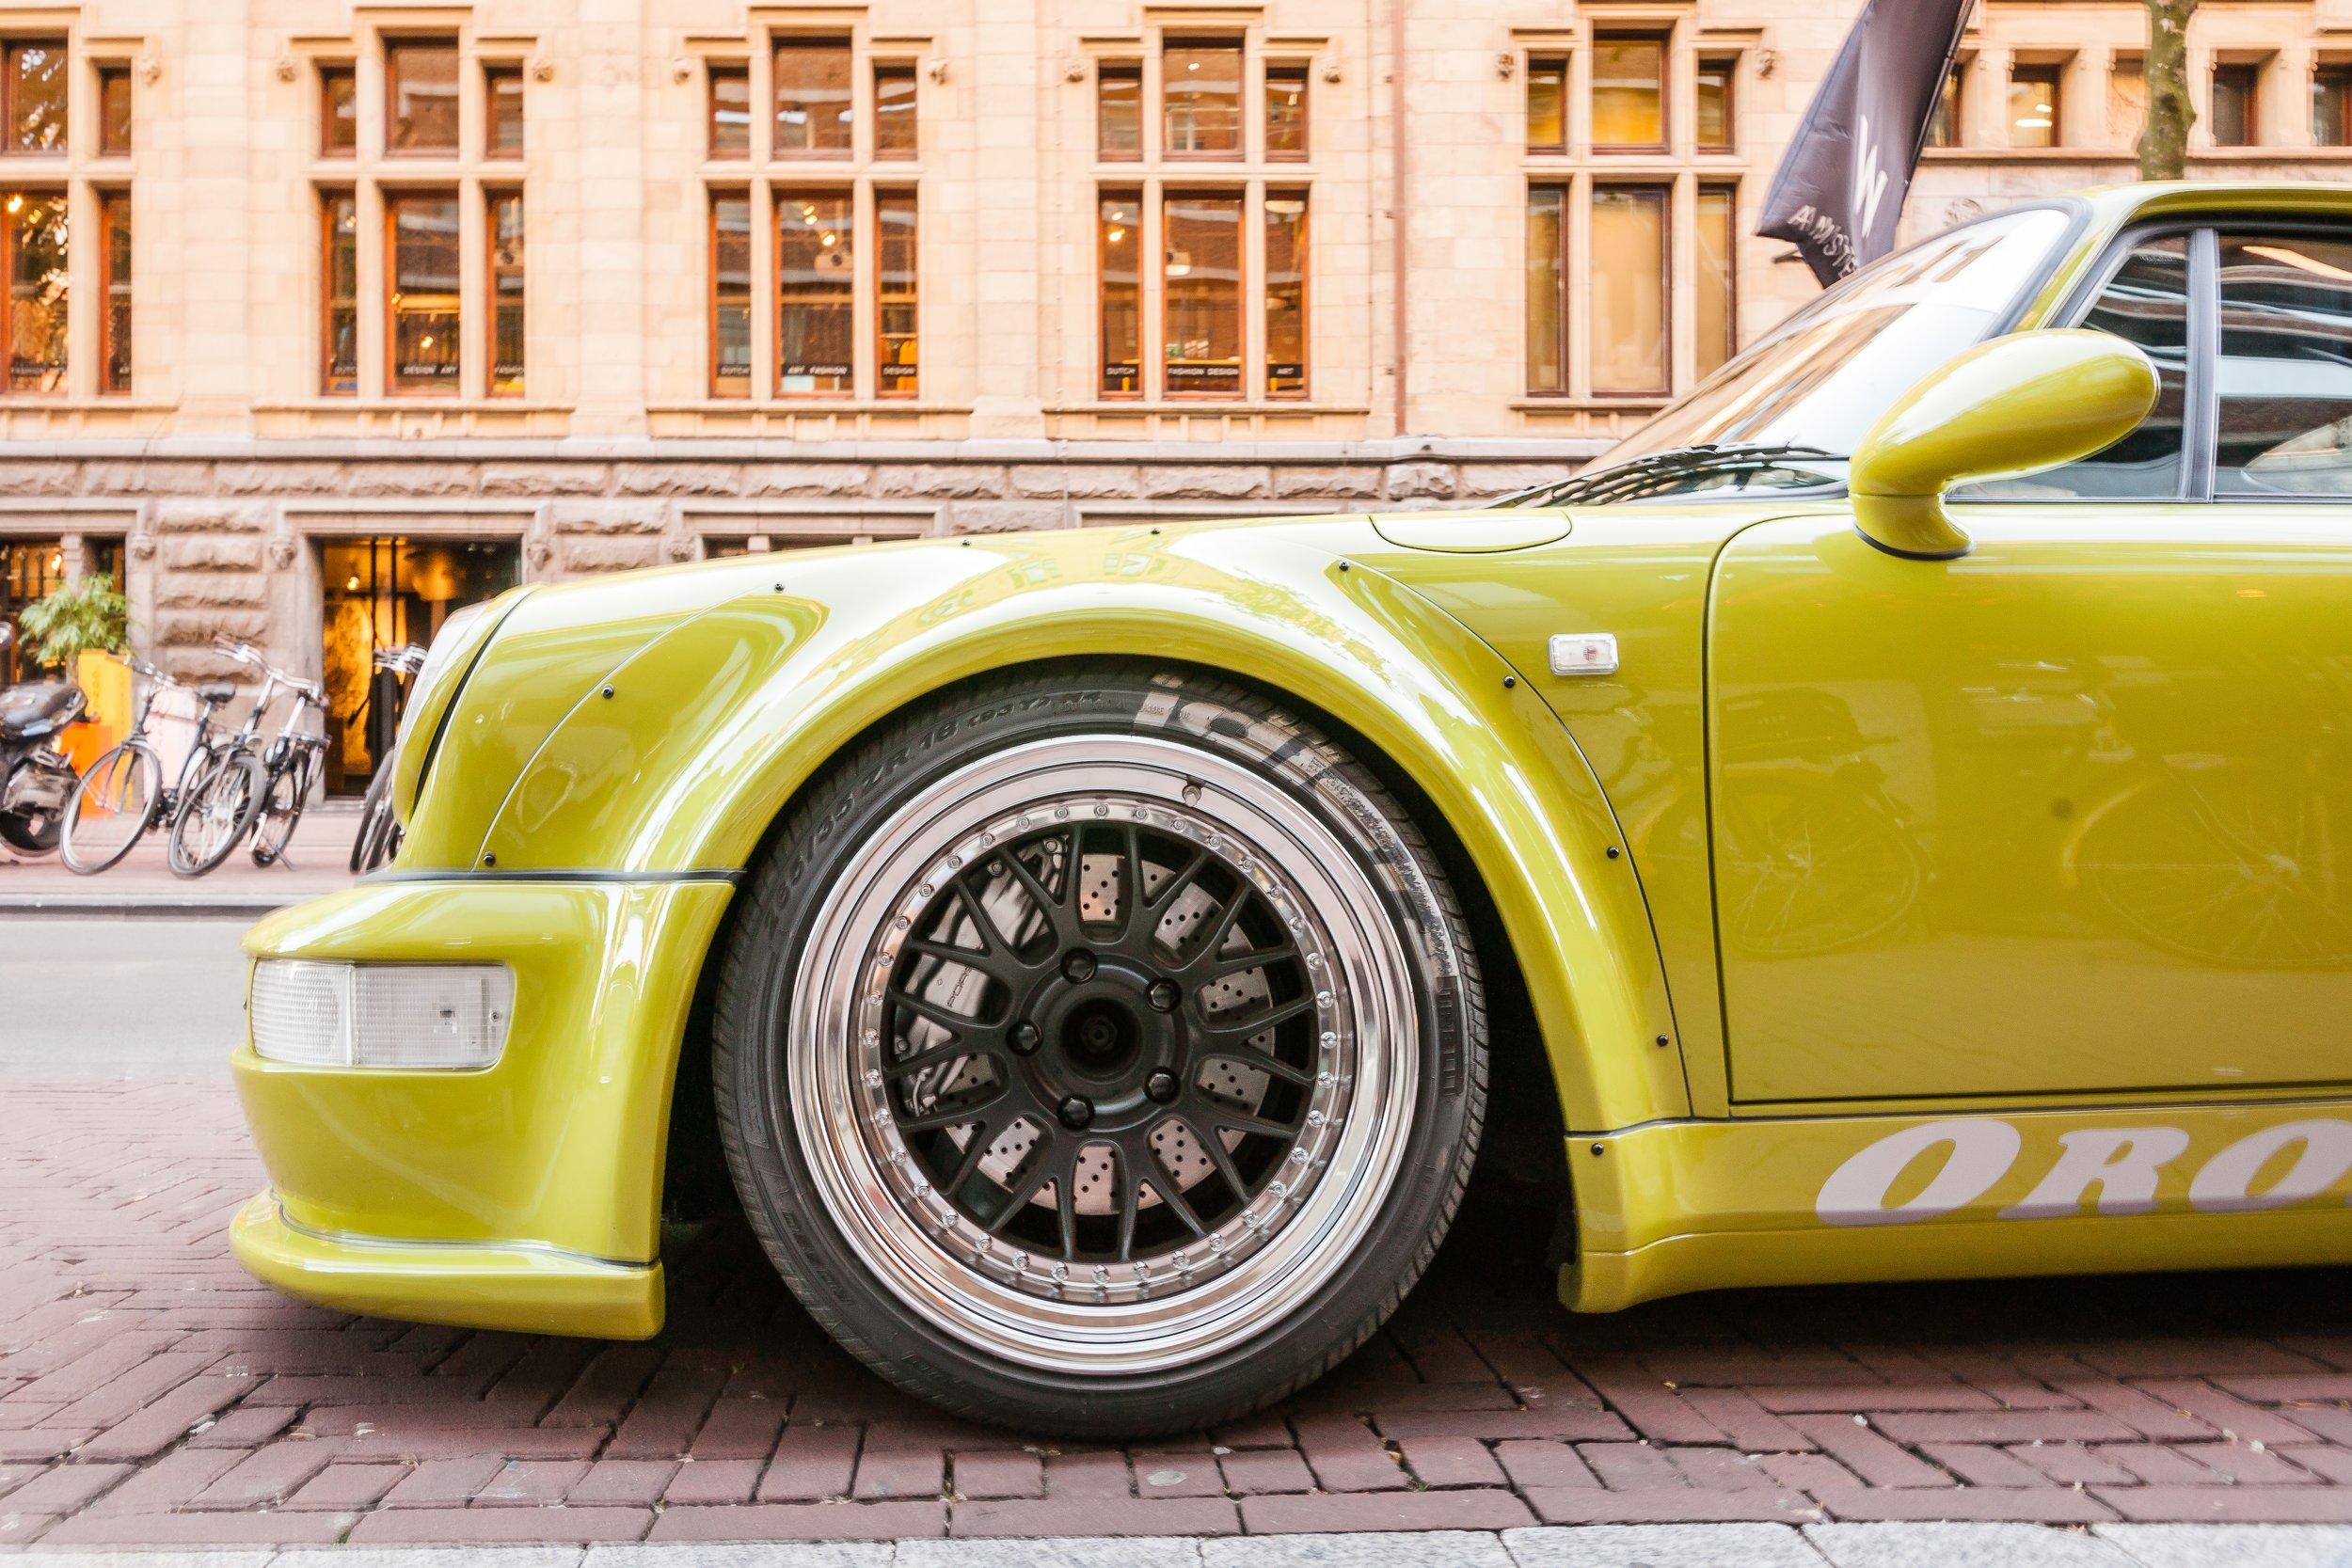 RWB Porsche 964 Wheel details